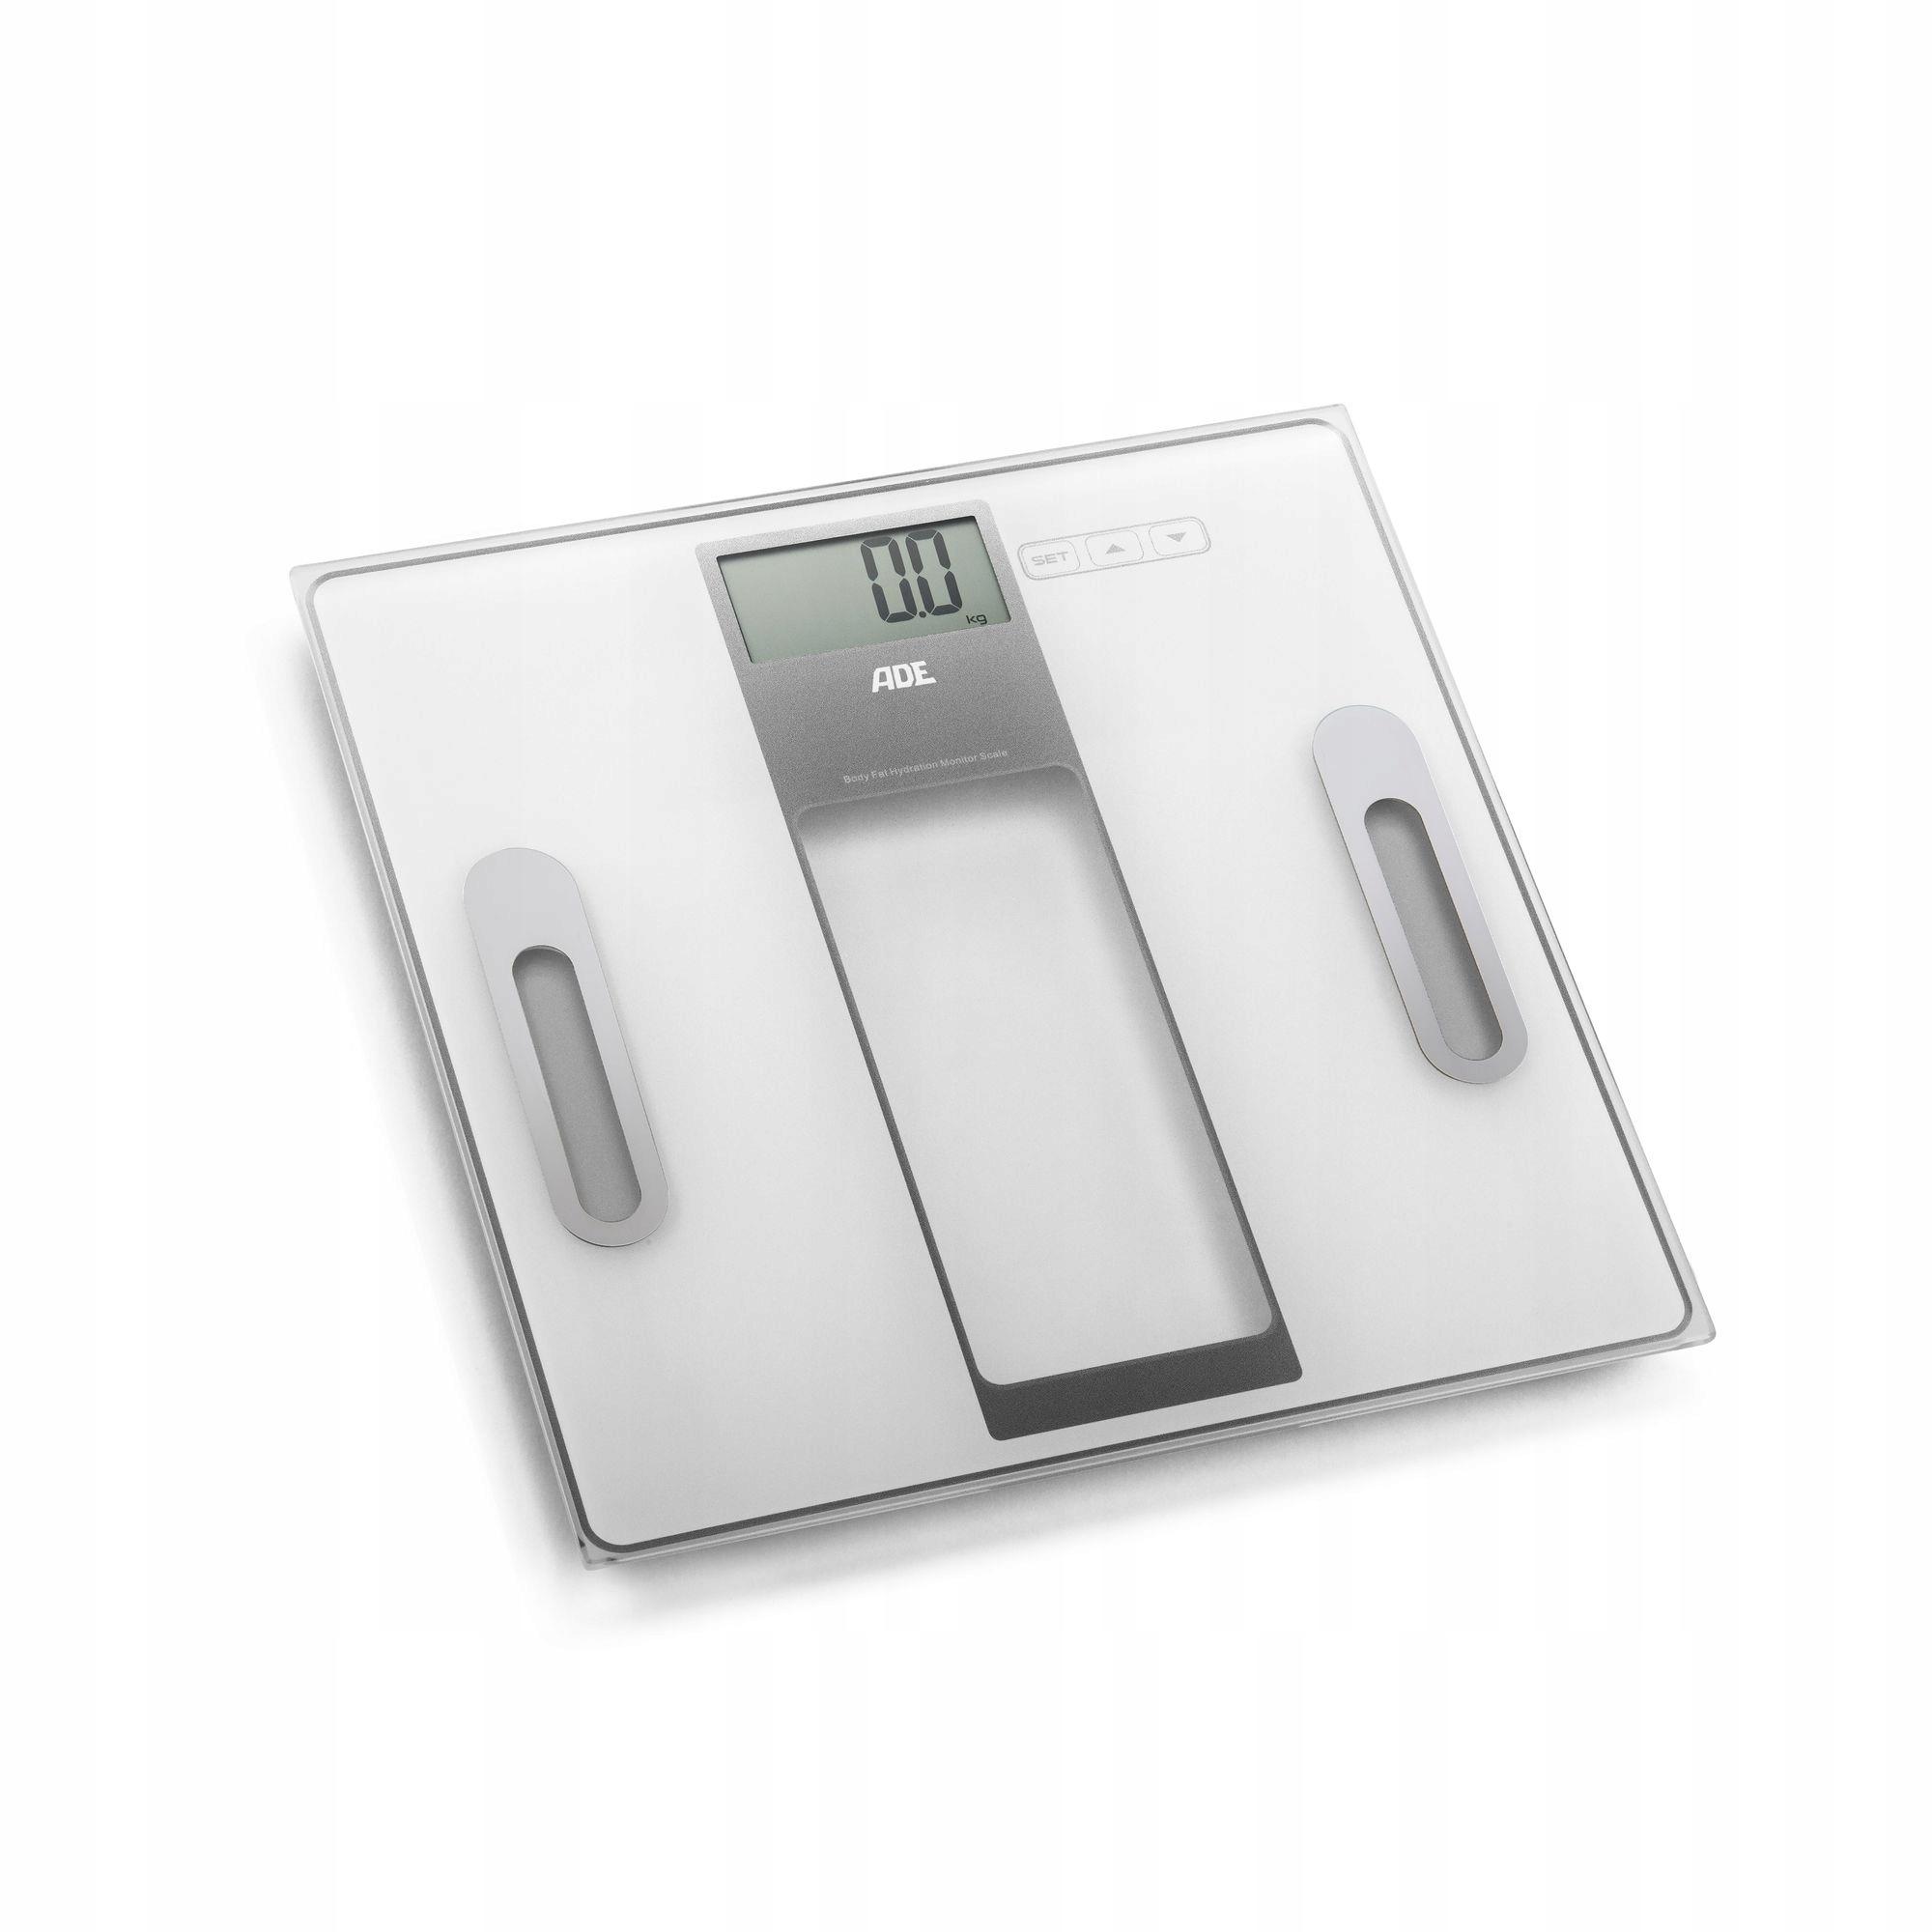 Váha do kúpeľne s analýzou telesnej hmotnosti 30x30cm ADE